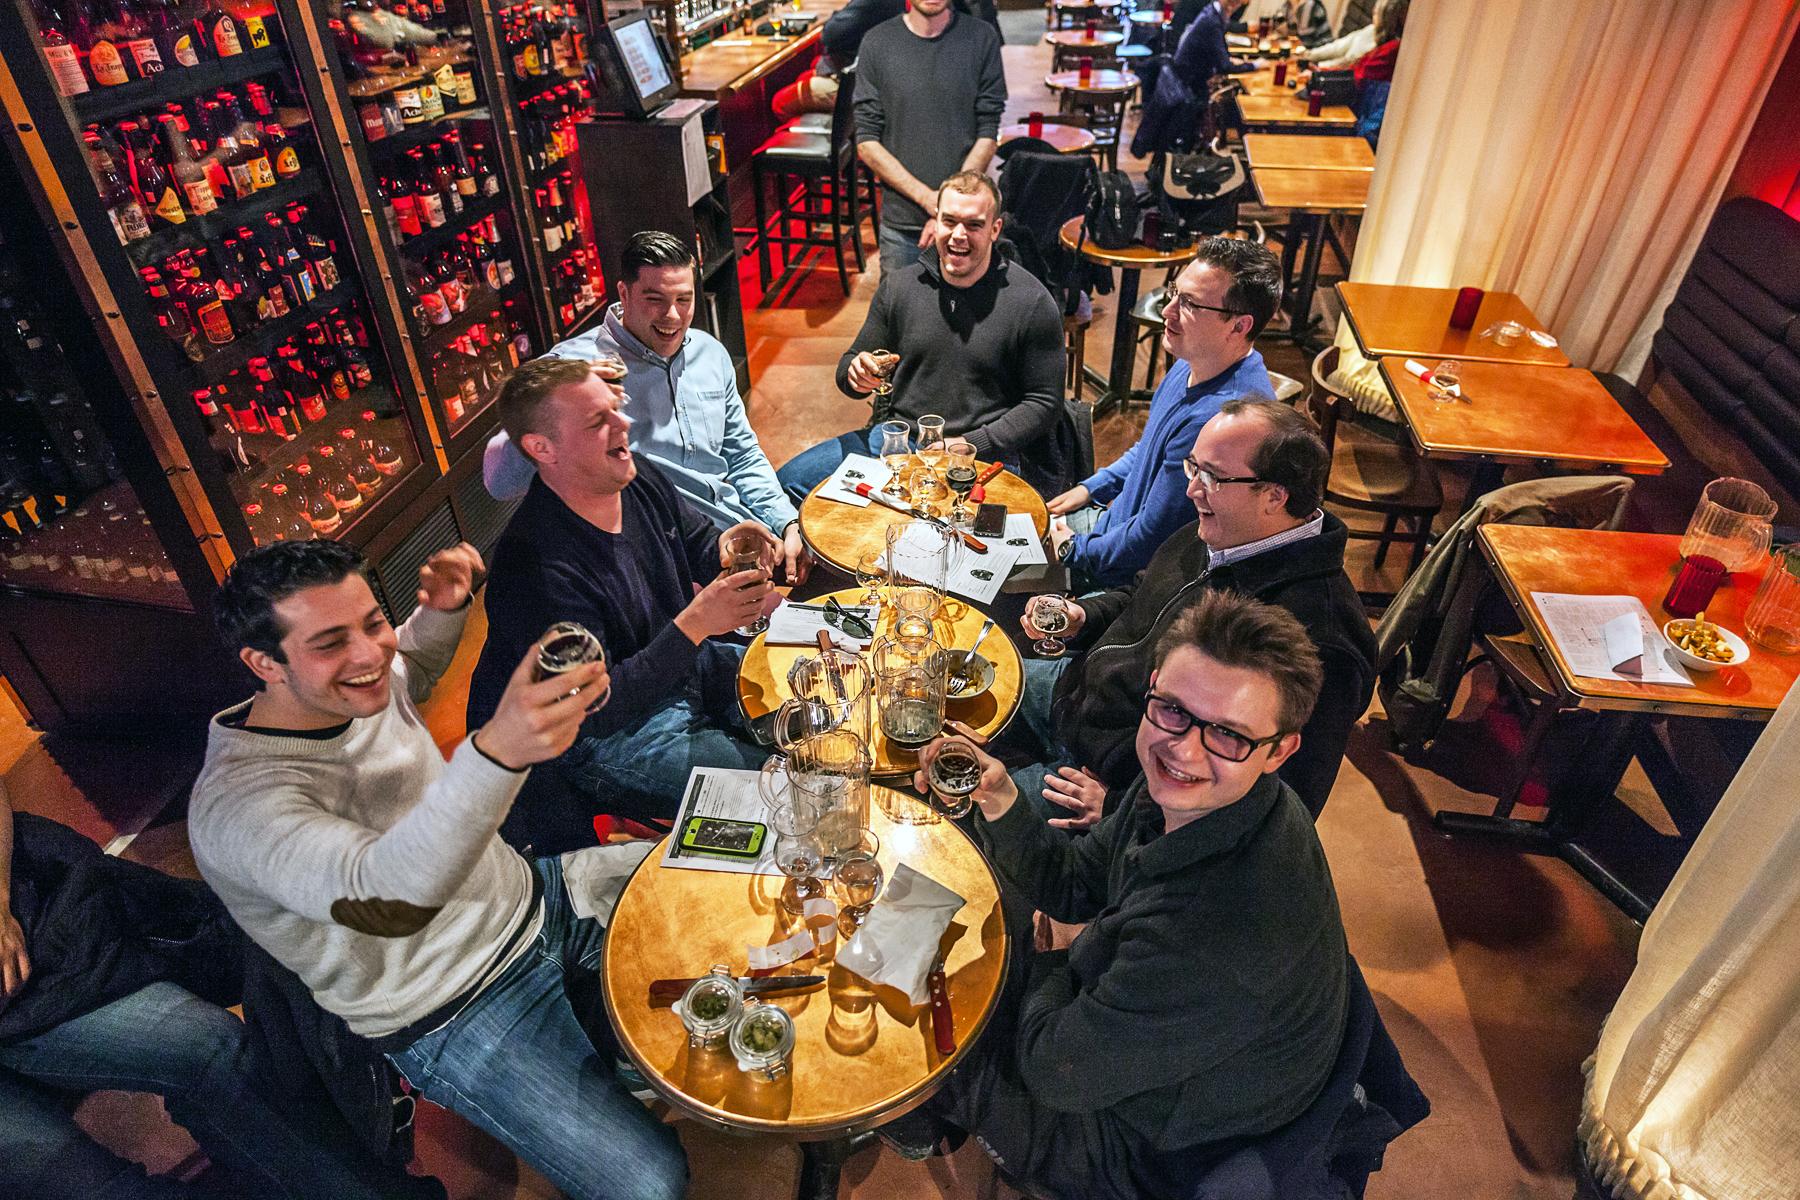 Visite des Brasseries artisanales de Montréal - Local Montréal Tours